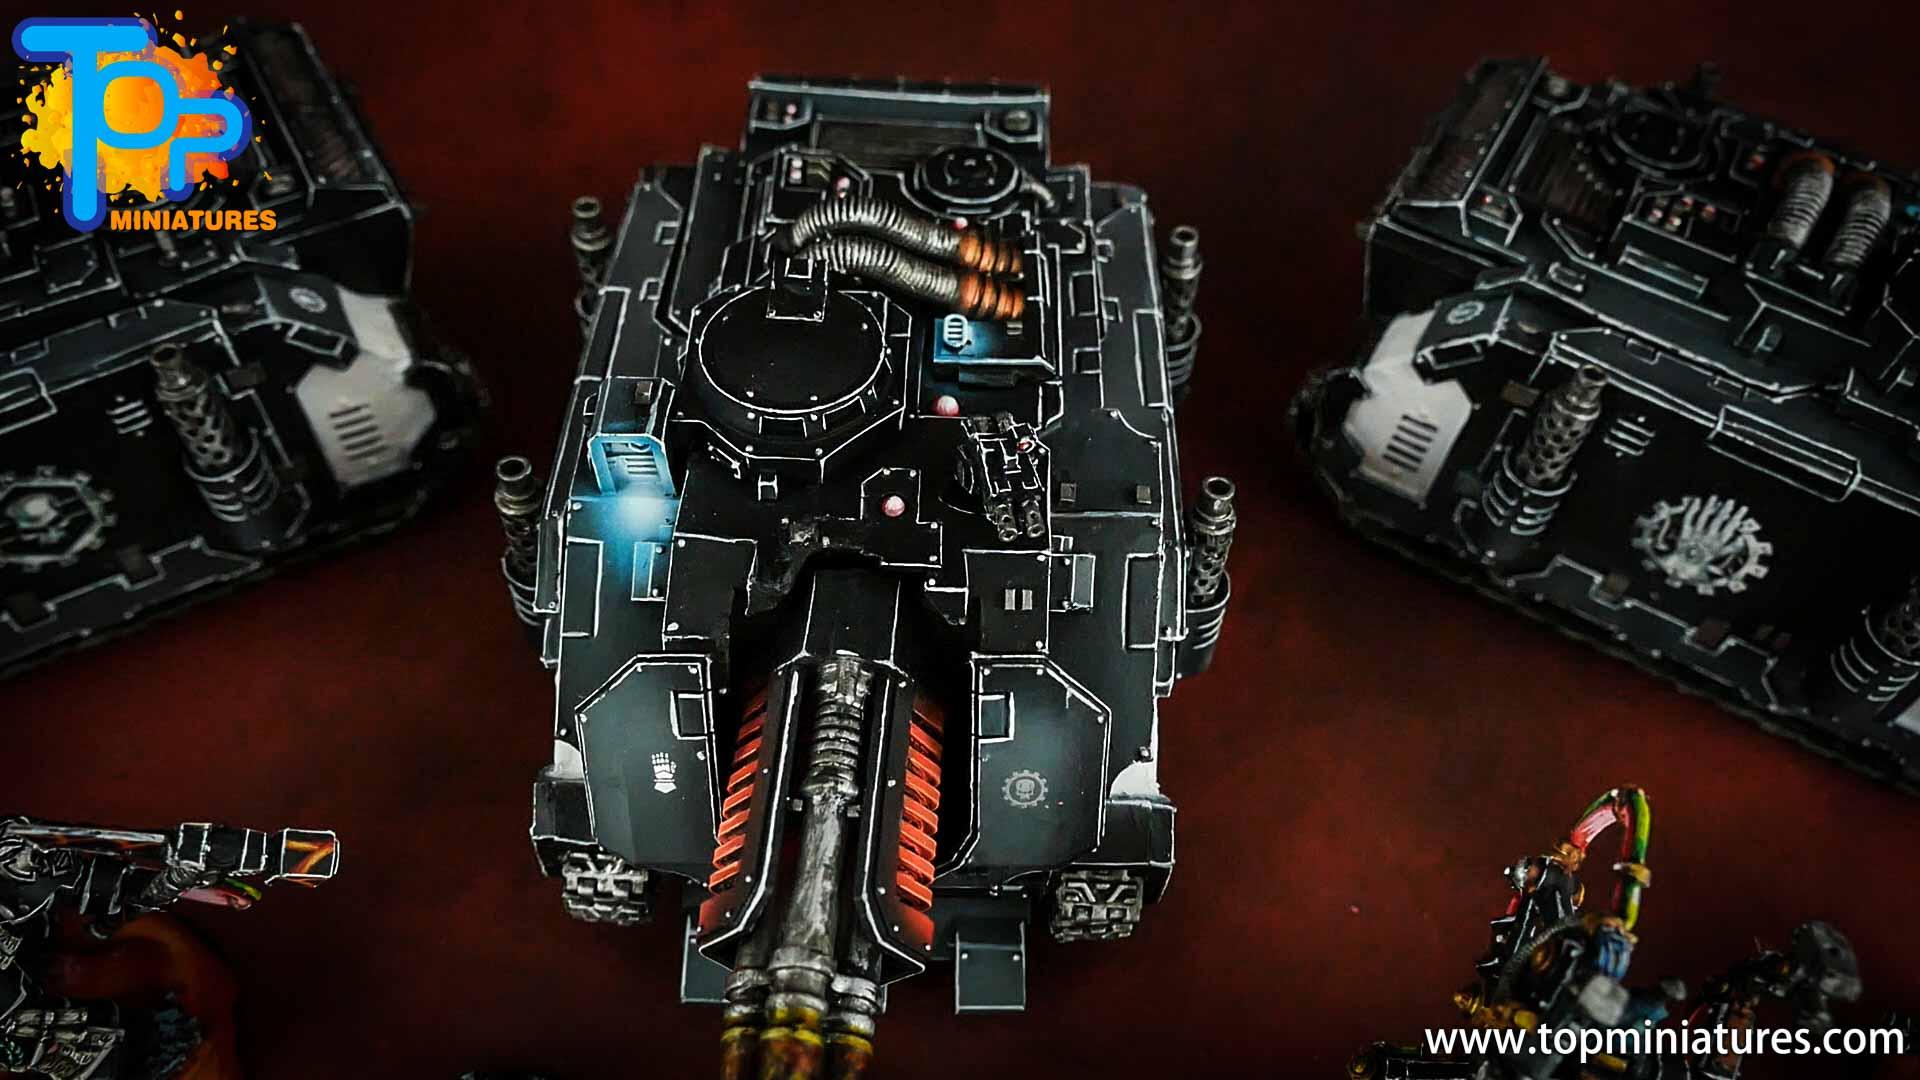 deimos vindicator laser destroyer (9)